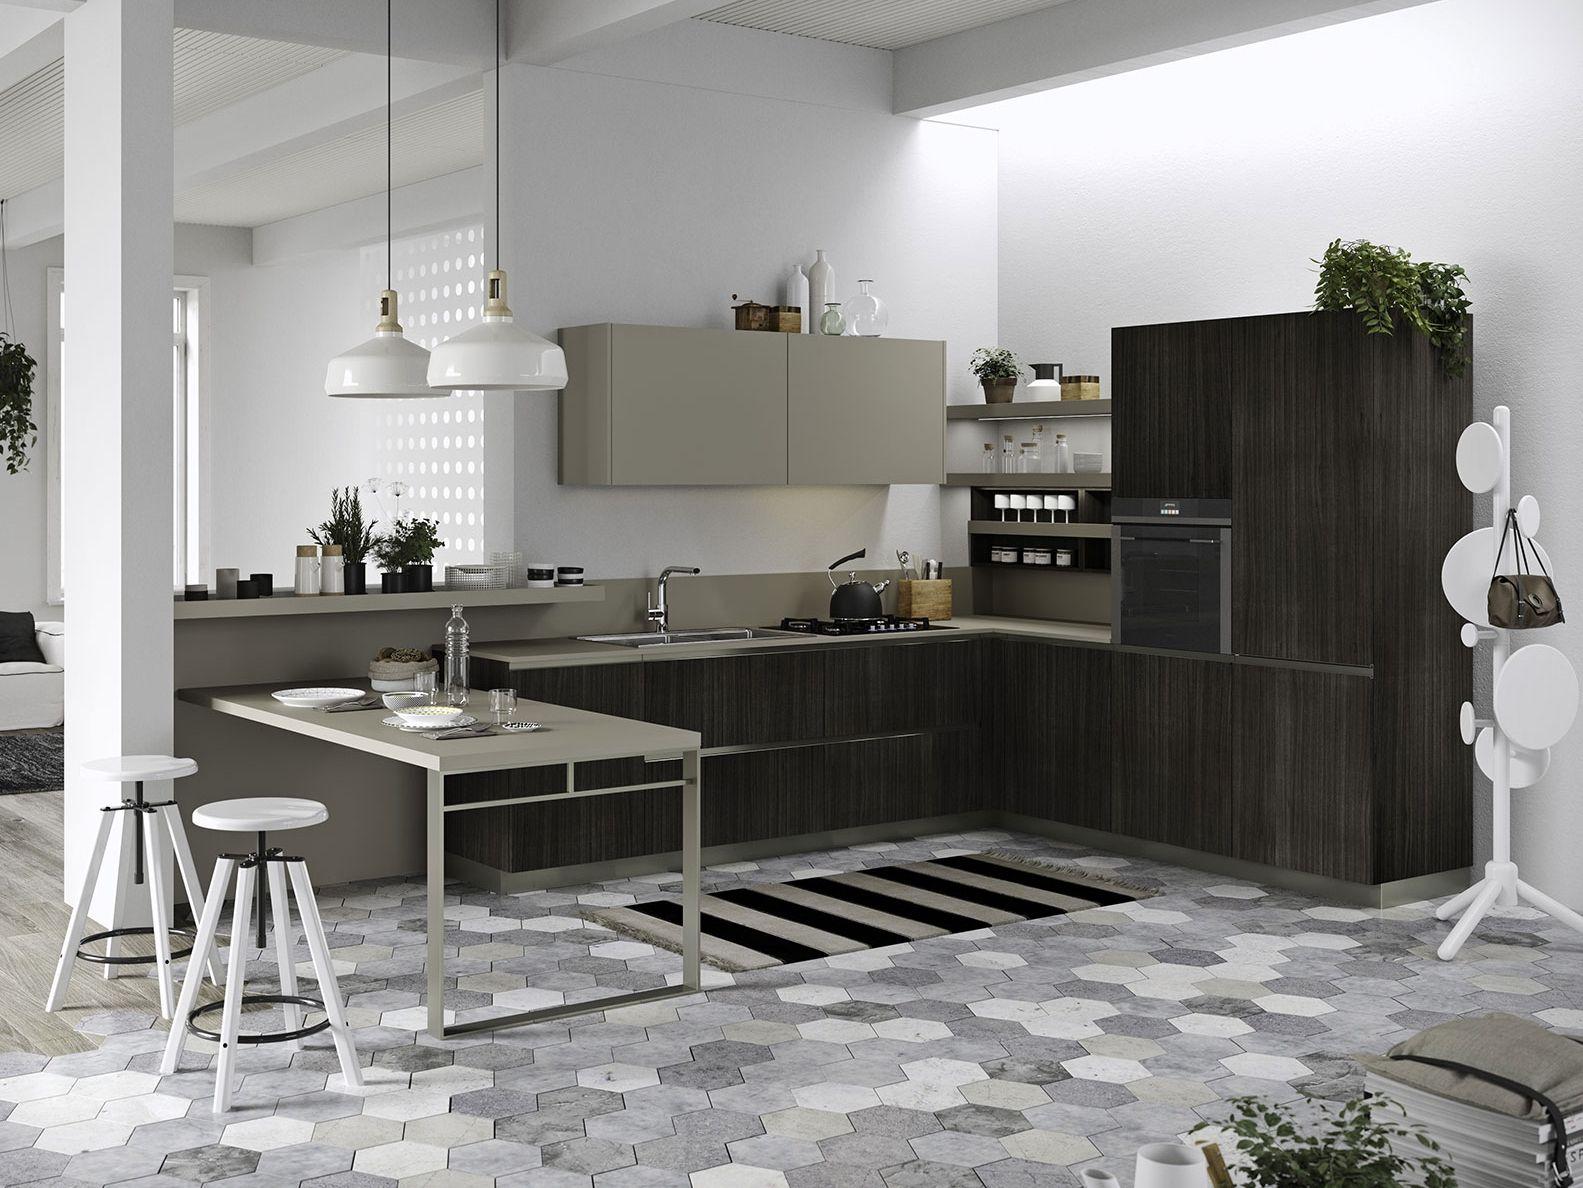 Joy cucina con penisola collezione everyone by snaidero for Piccole cucine con penisola